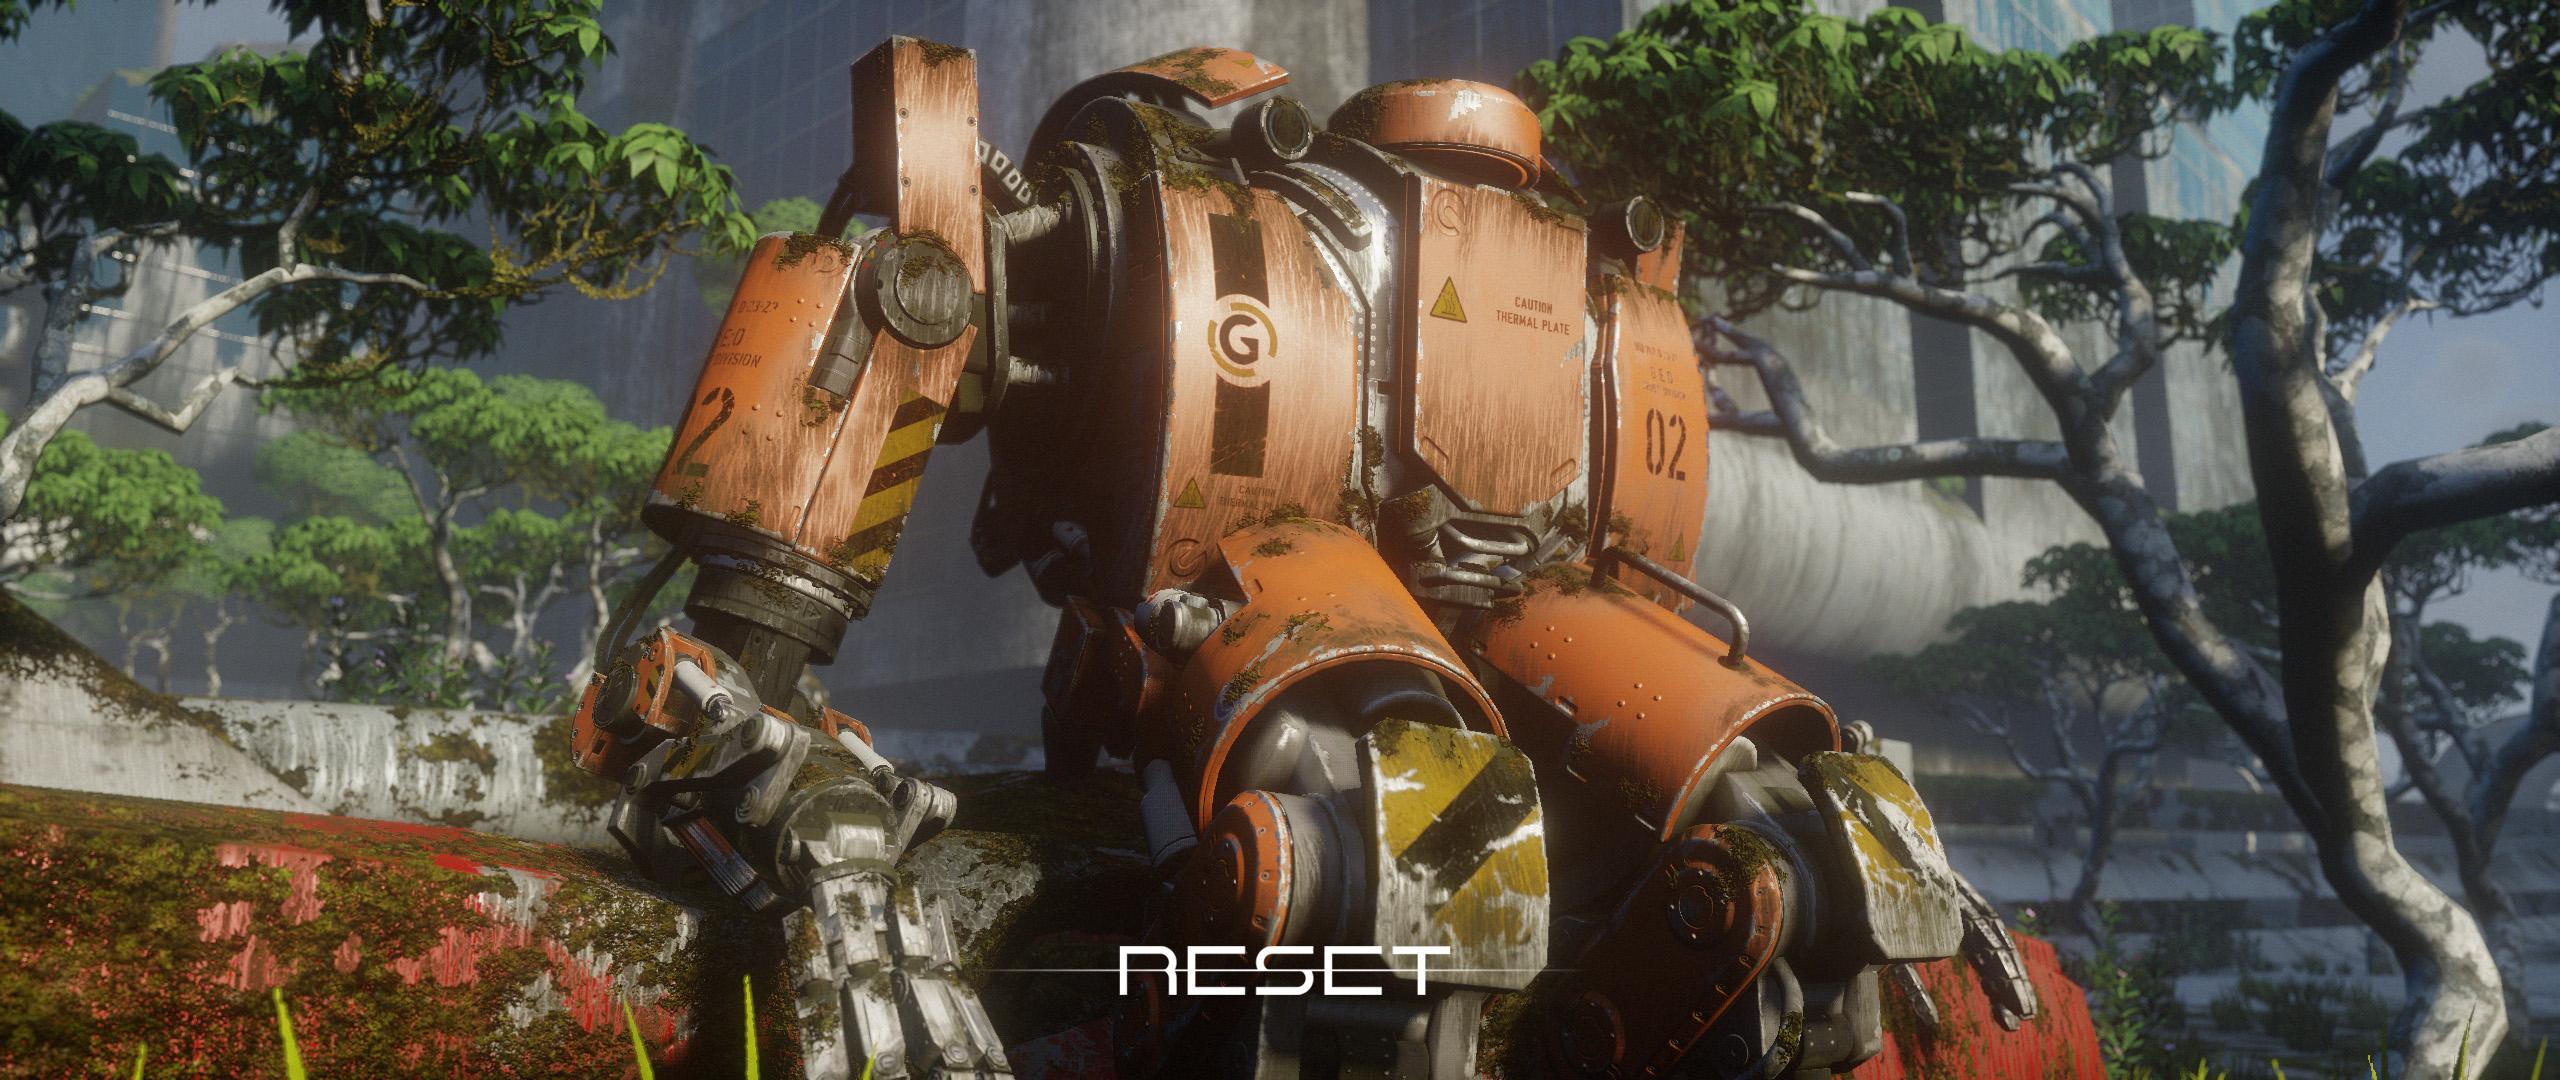 Reset Game Cinematic - Pixelsmithstudios